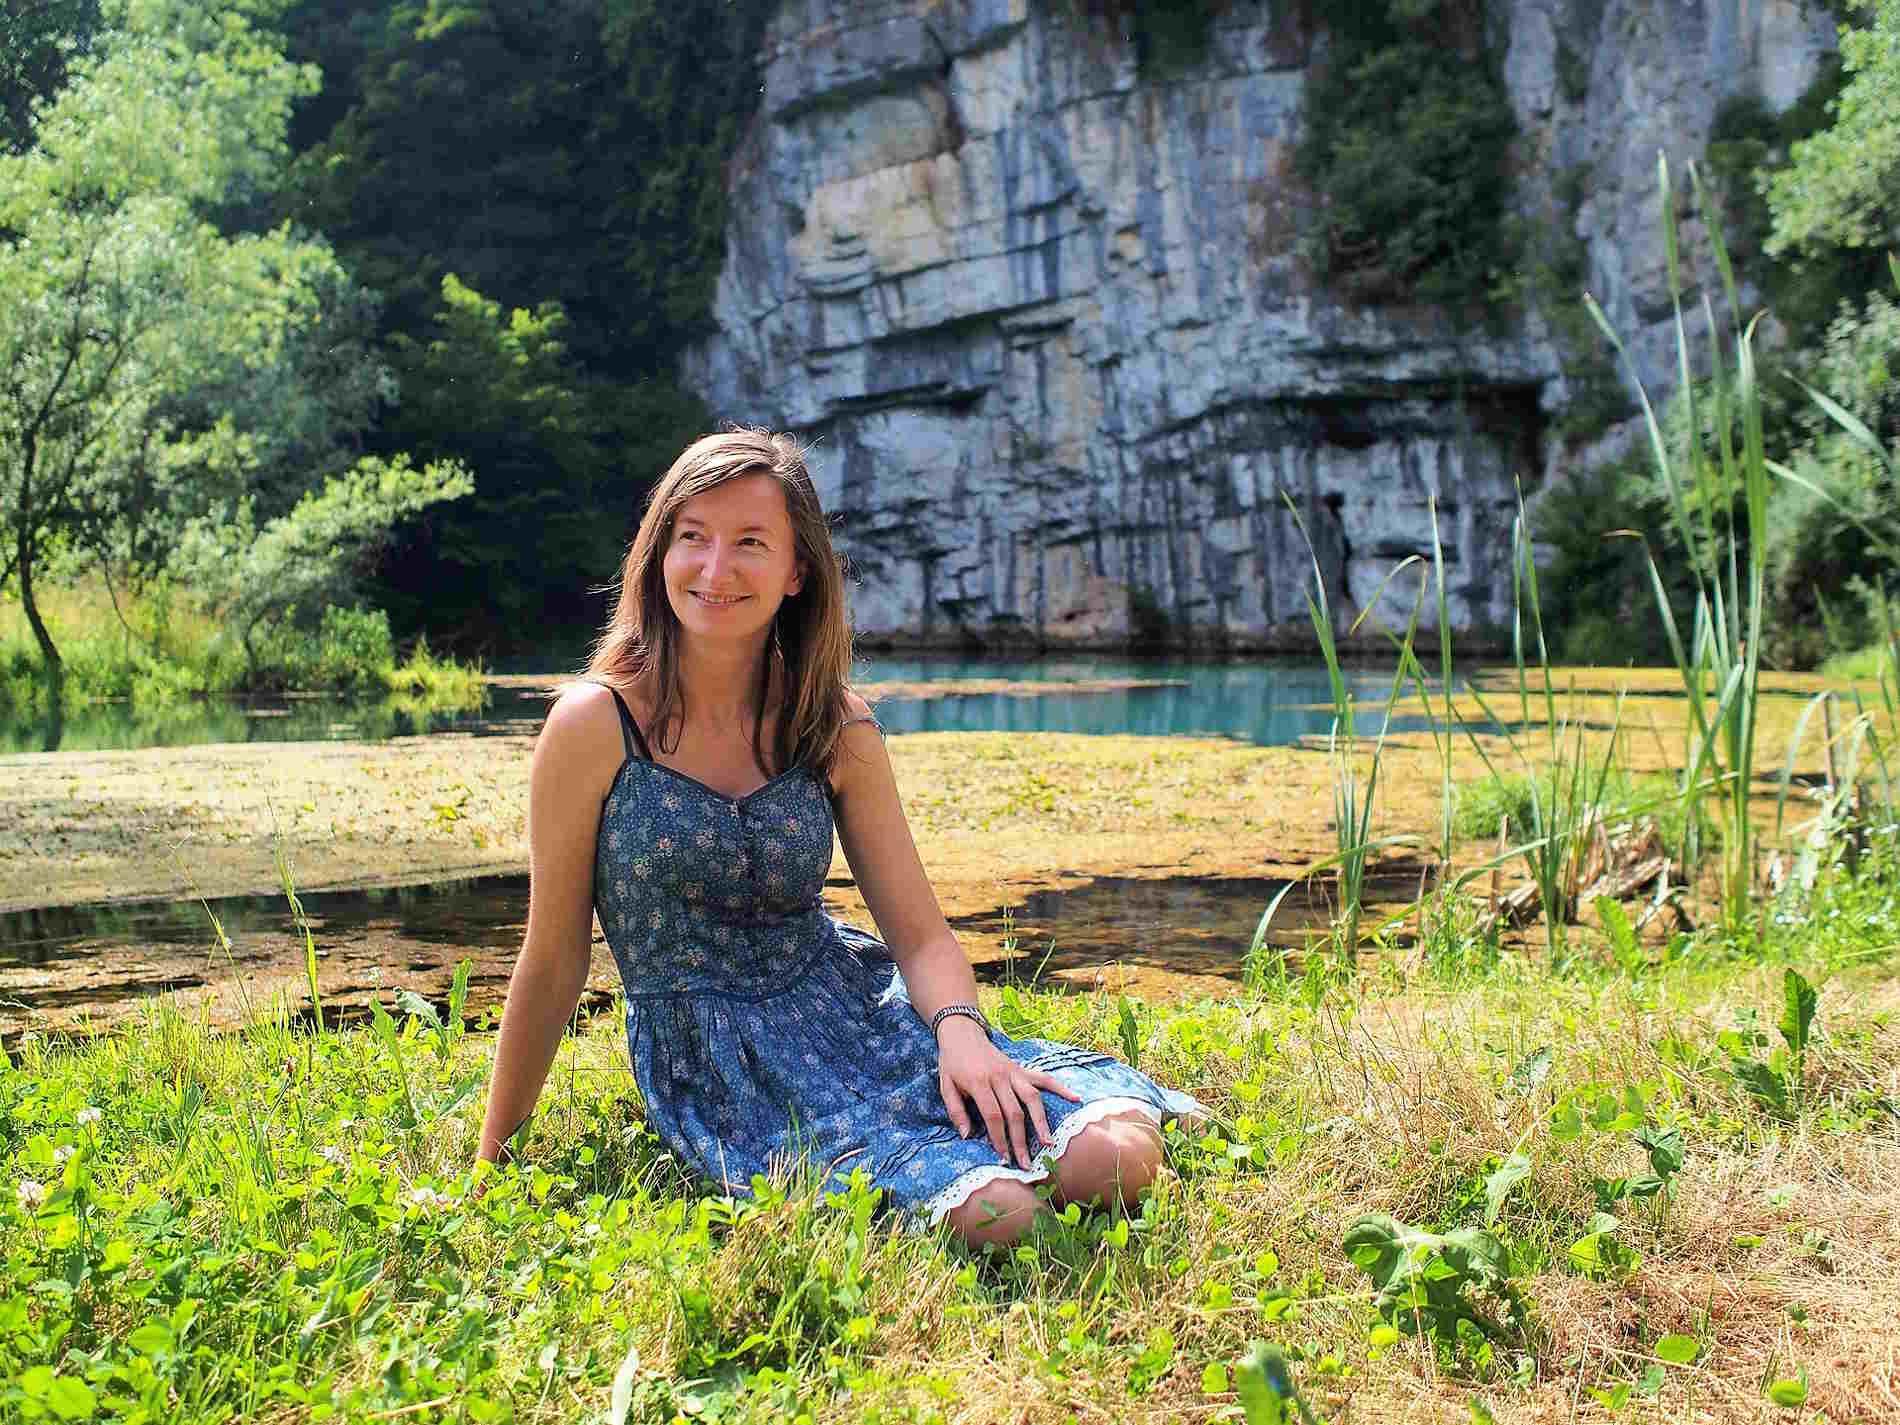 Sara Terpin alla sorgente del fiume Krupa in Slovenia